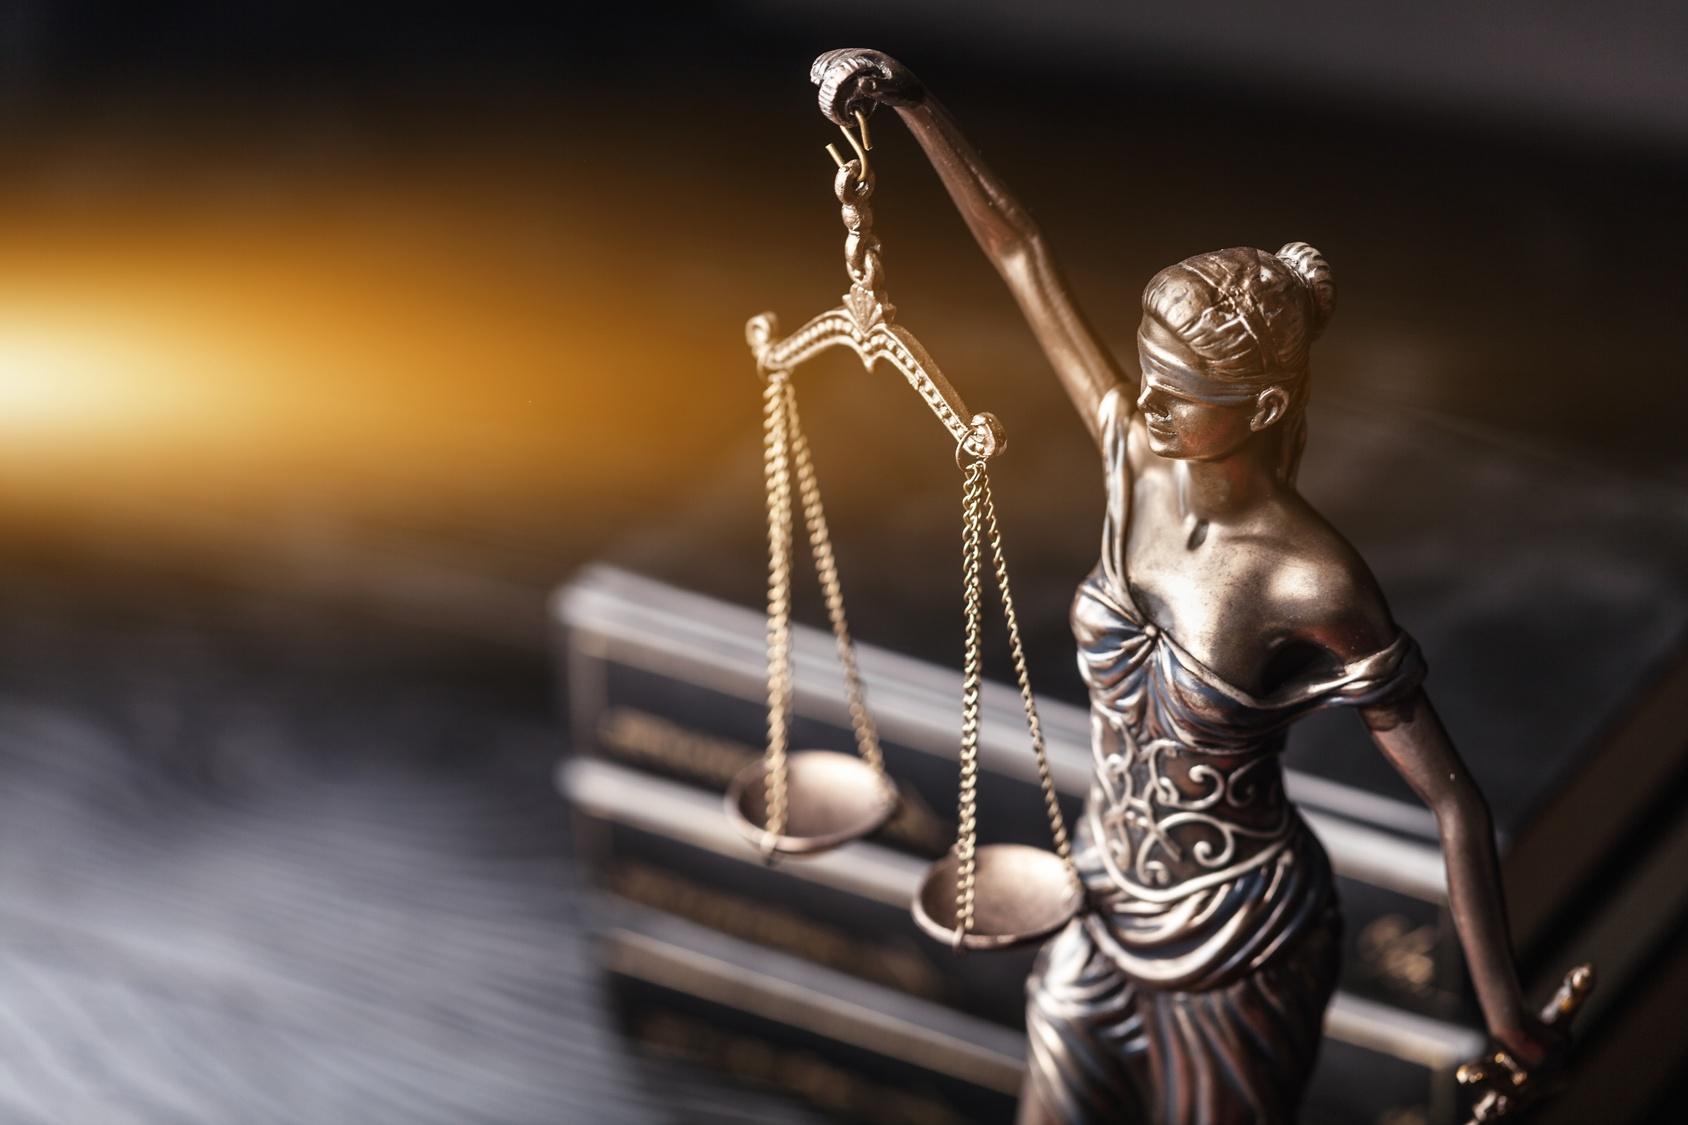 #אקרופוליסמהבית   הרצאות און ליין   קארמה – מאחורי הקלעים של חוק הסיבה והתוצאה